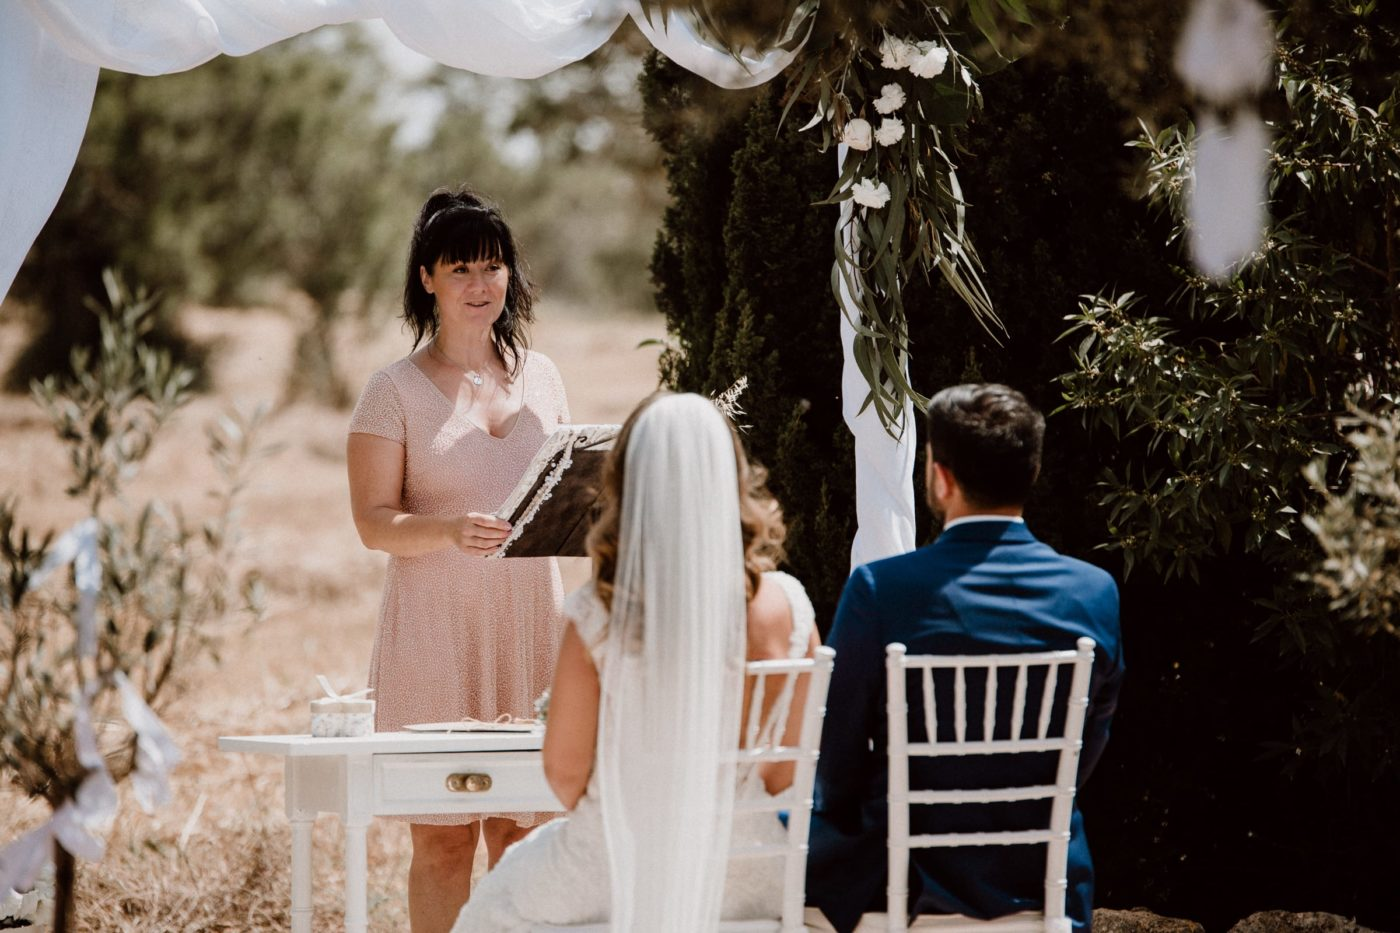 Ich und das Brautpaar während der Trauung auf einer privaten Finca der Insel Mallorca.